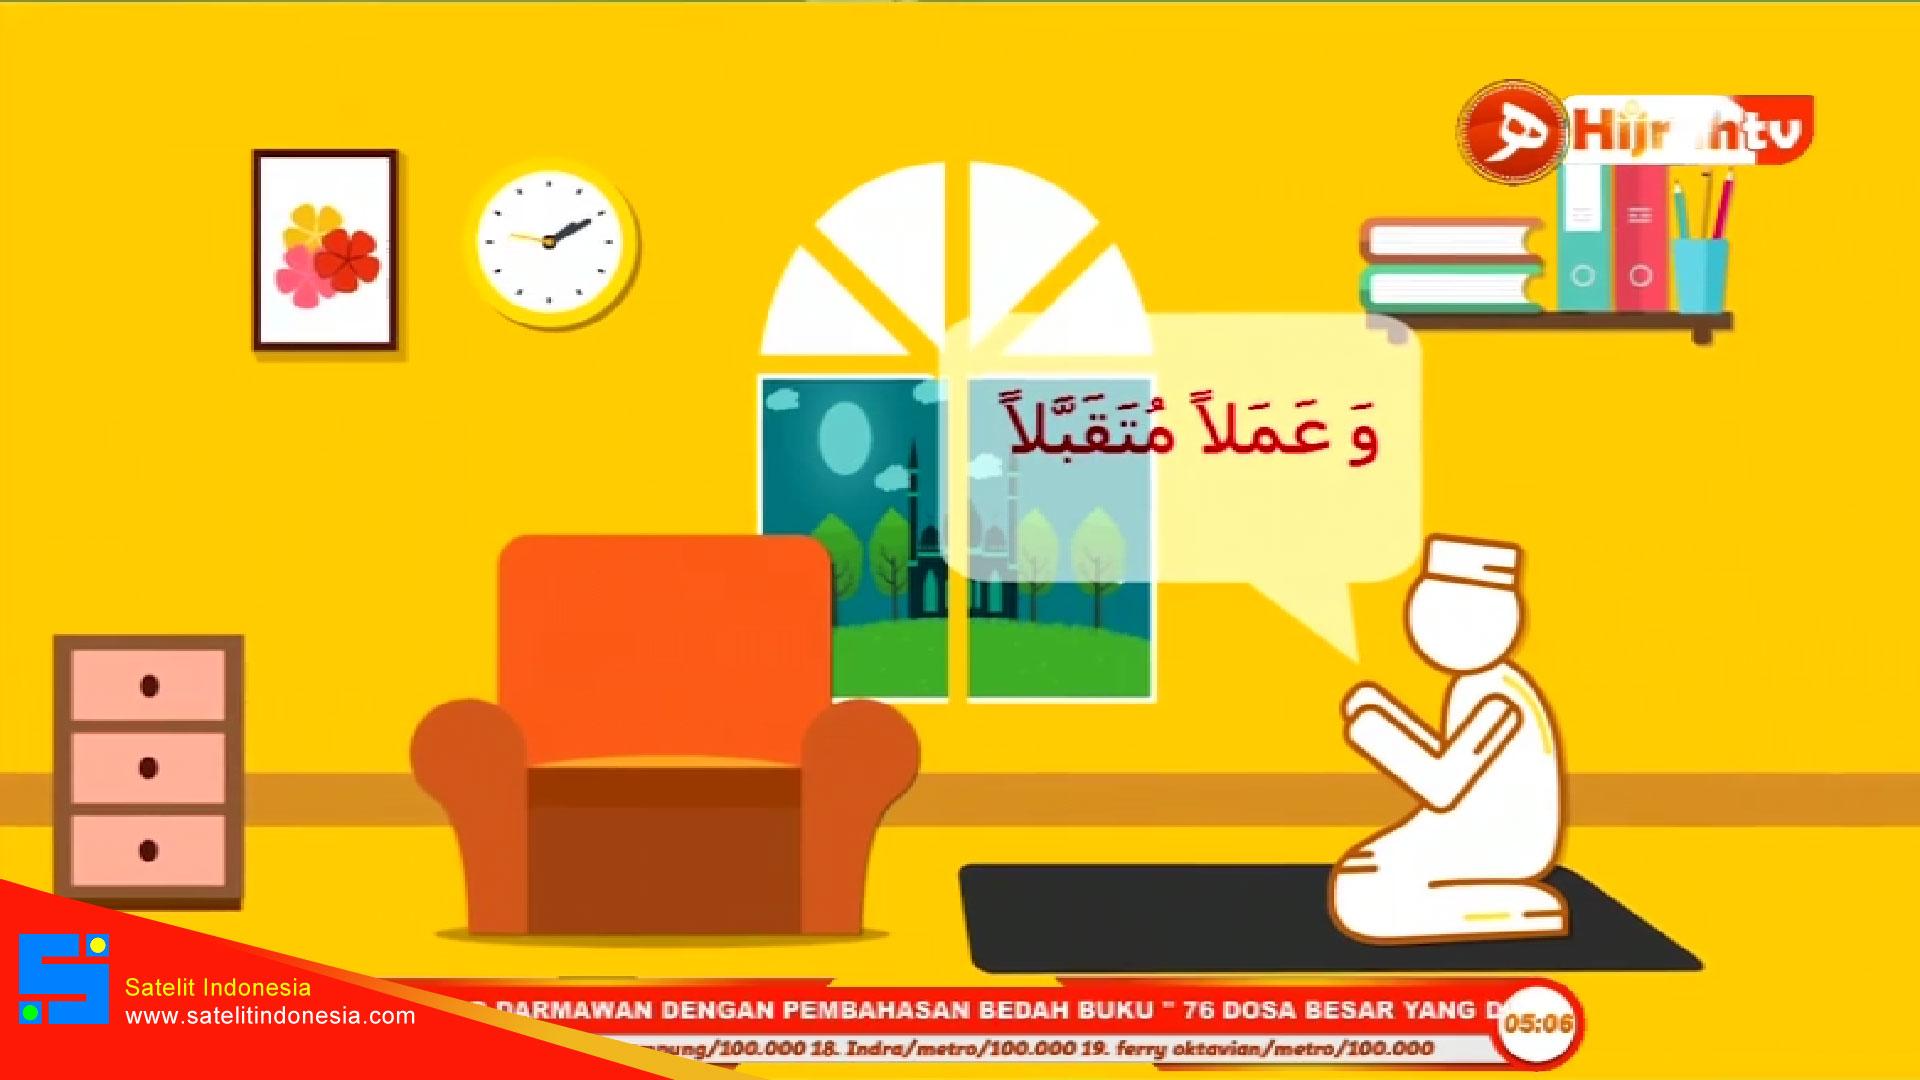 Frekuensi siaran Hijrah TV di satelit Telkom 4 Terbaru